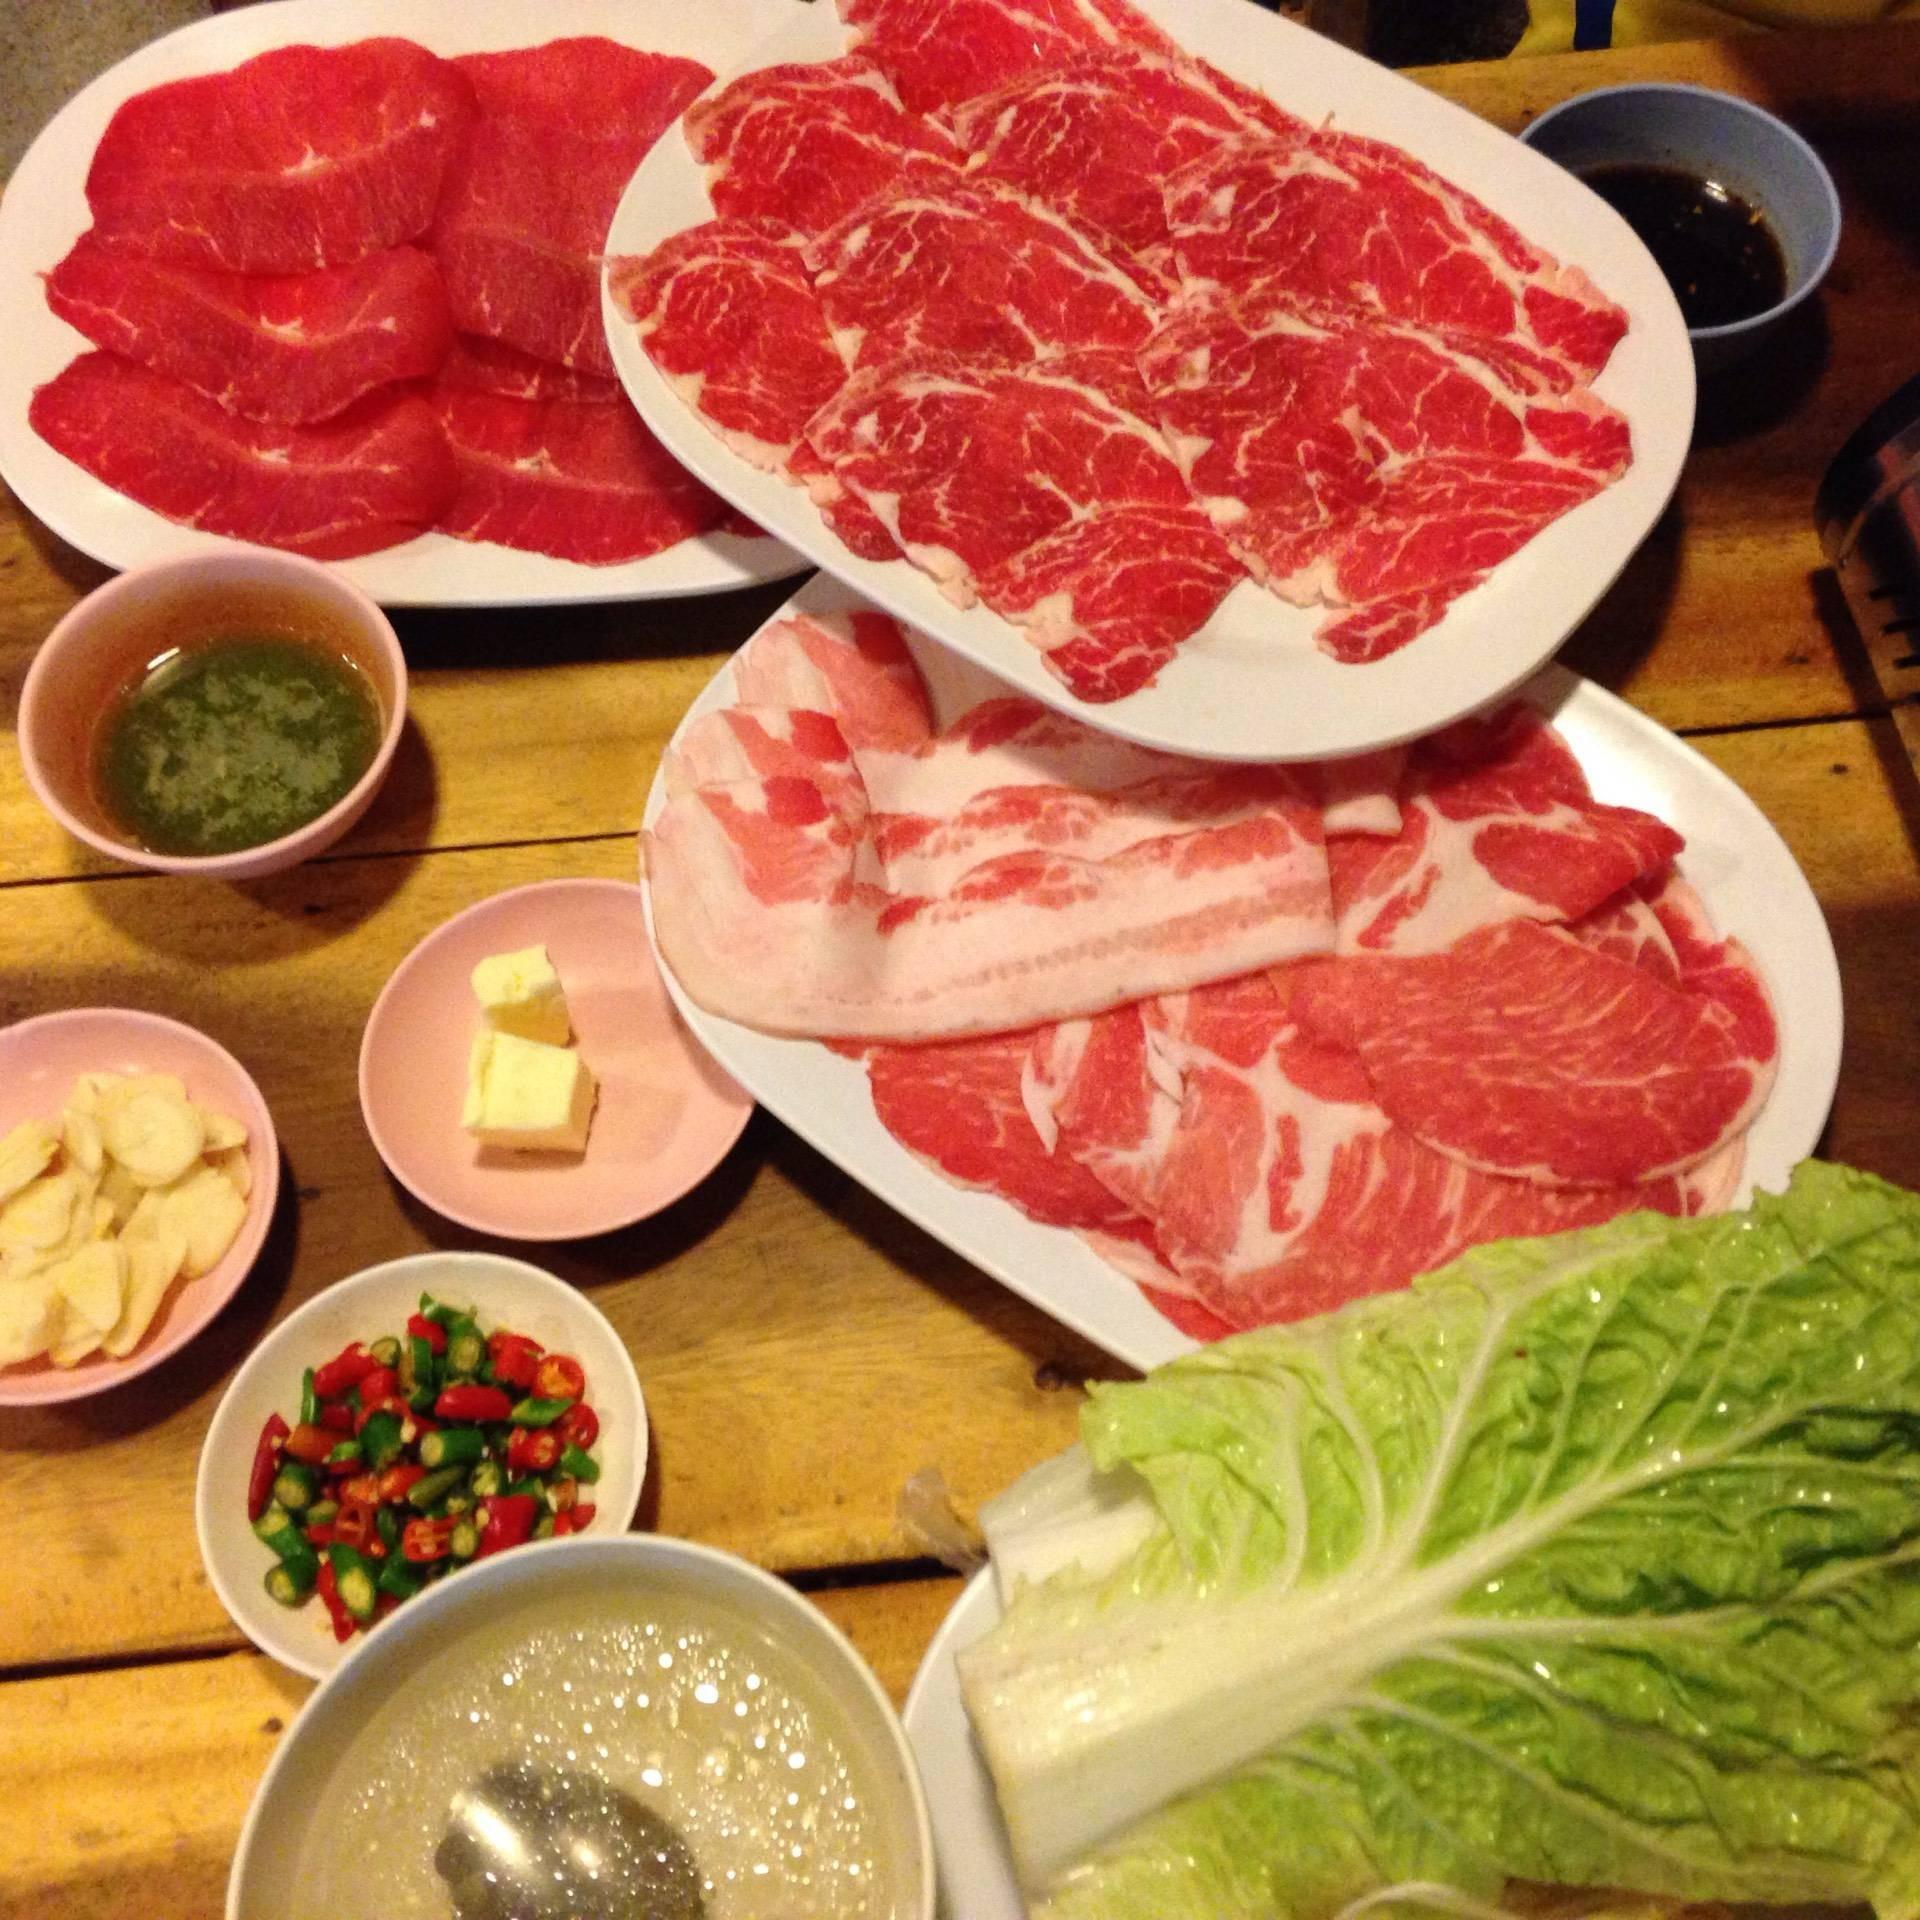 เนื้อย่างกะทะร้อน บุฟเฟ่ต์โคขุน ปรีดีพนมยงค์ 46